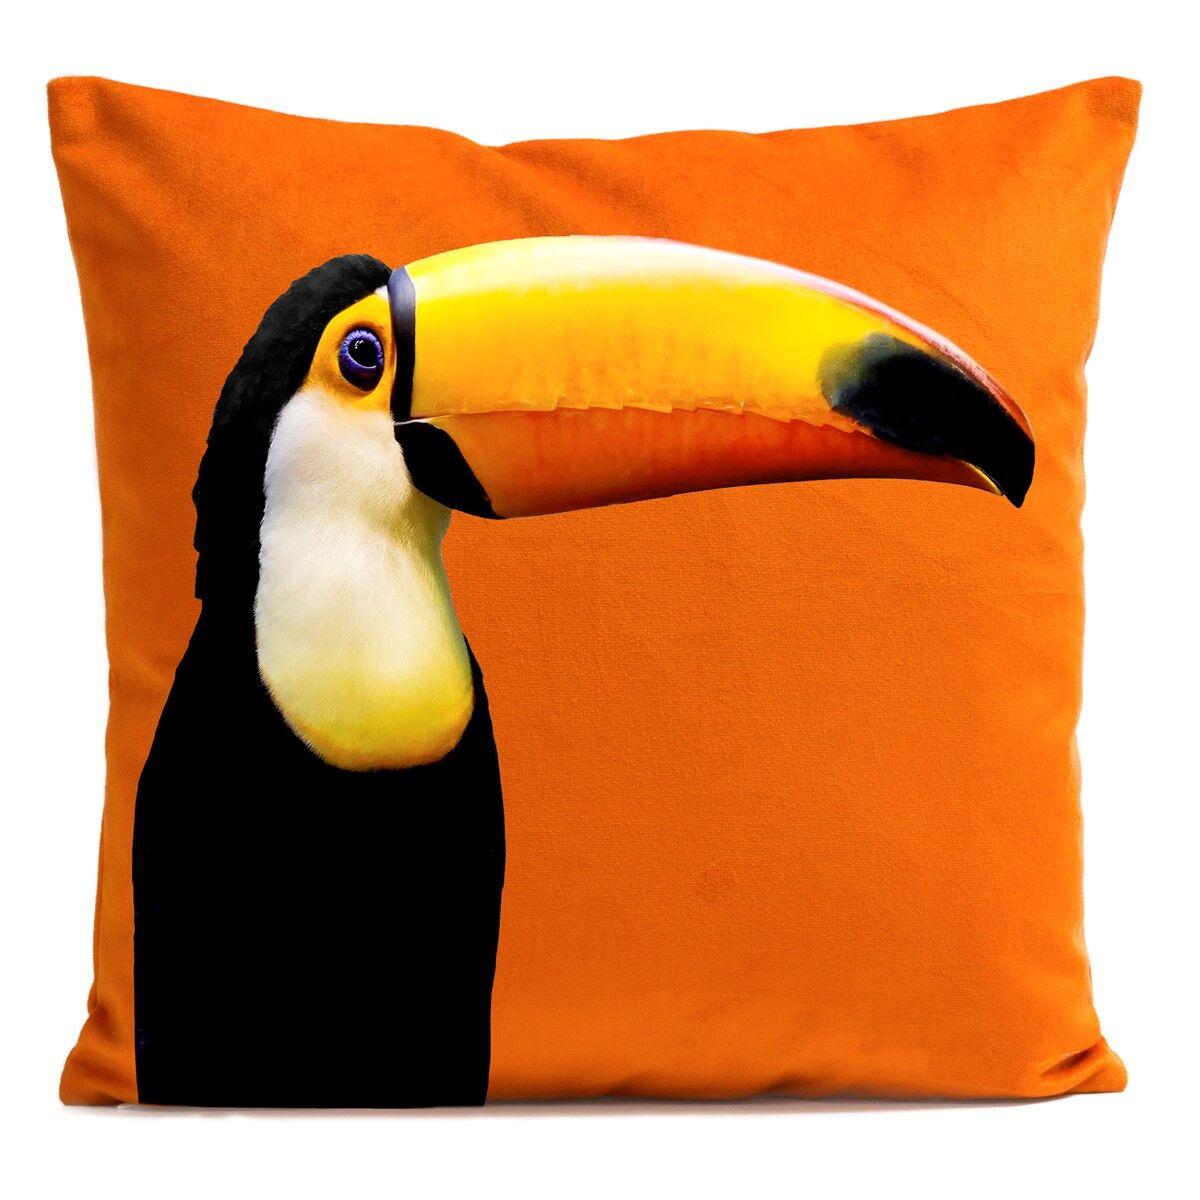 Artpilo Coussin velours carré imprimé animaux orange vif 60x60